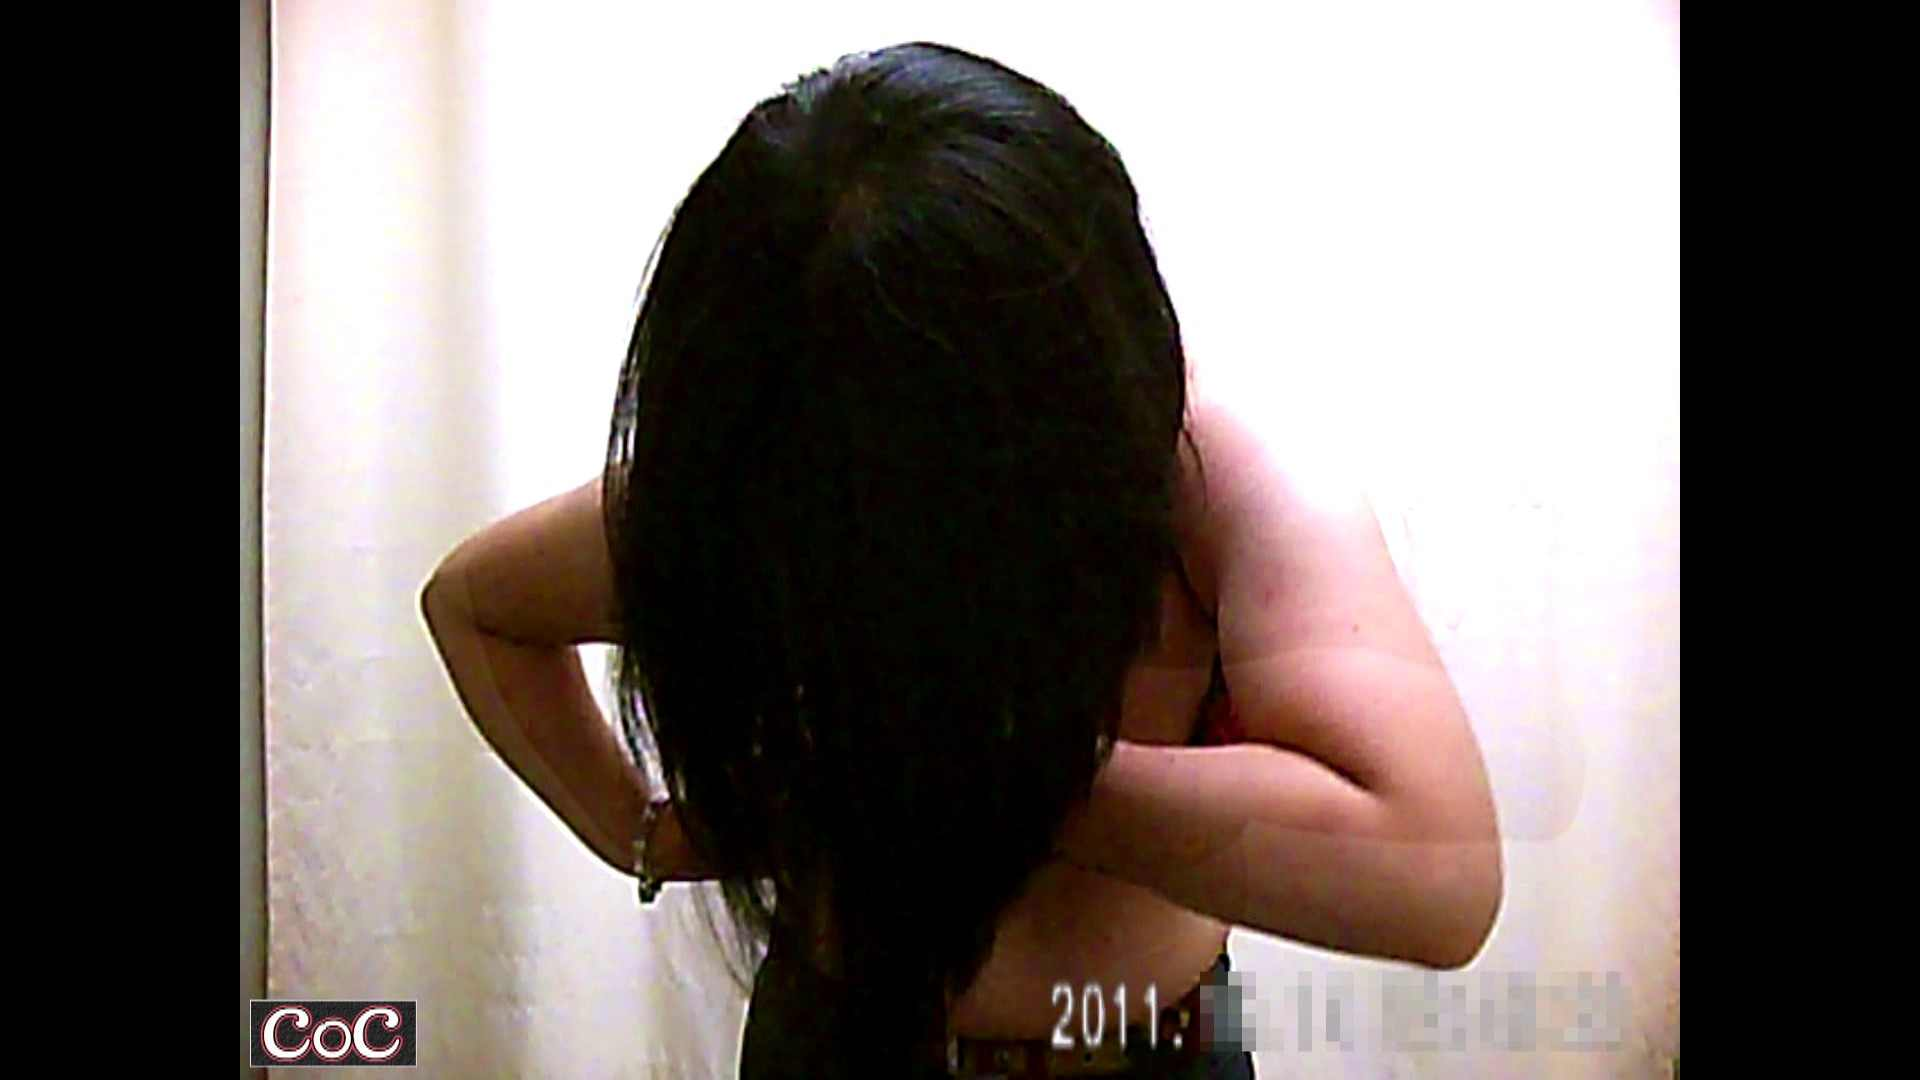 病院おもいっきり着替え! vol.59 乳首 隠し撮りオマンコ動画紹介 60PIX 39